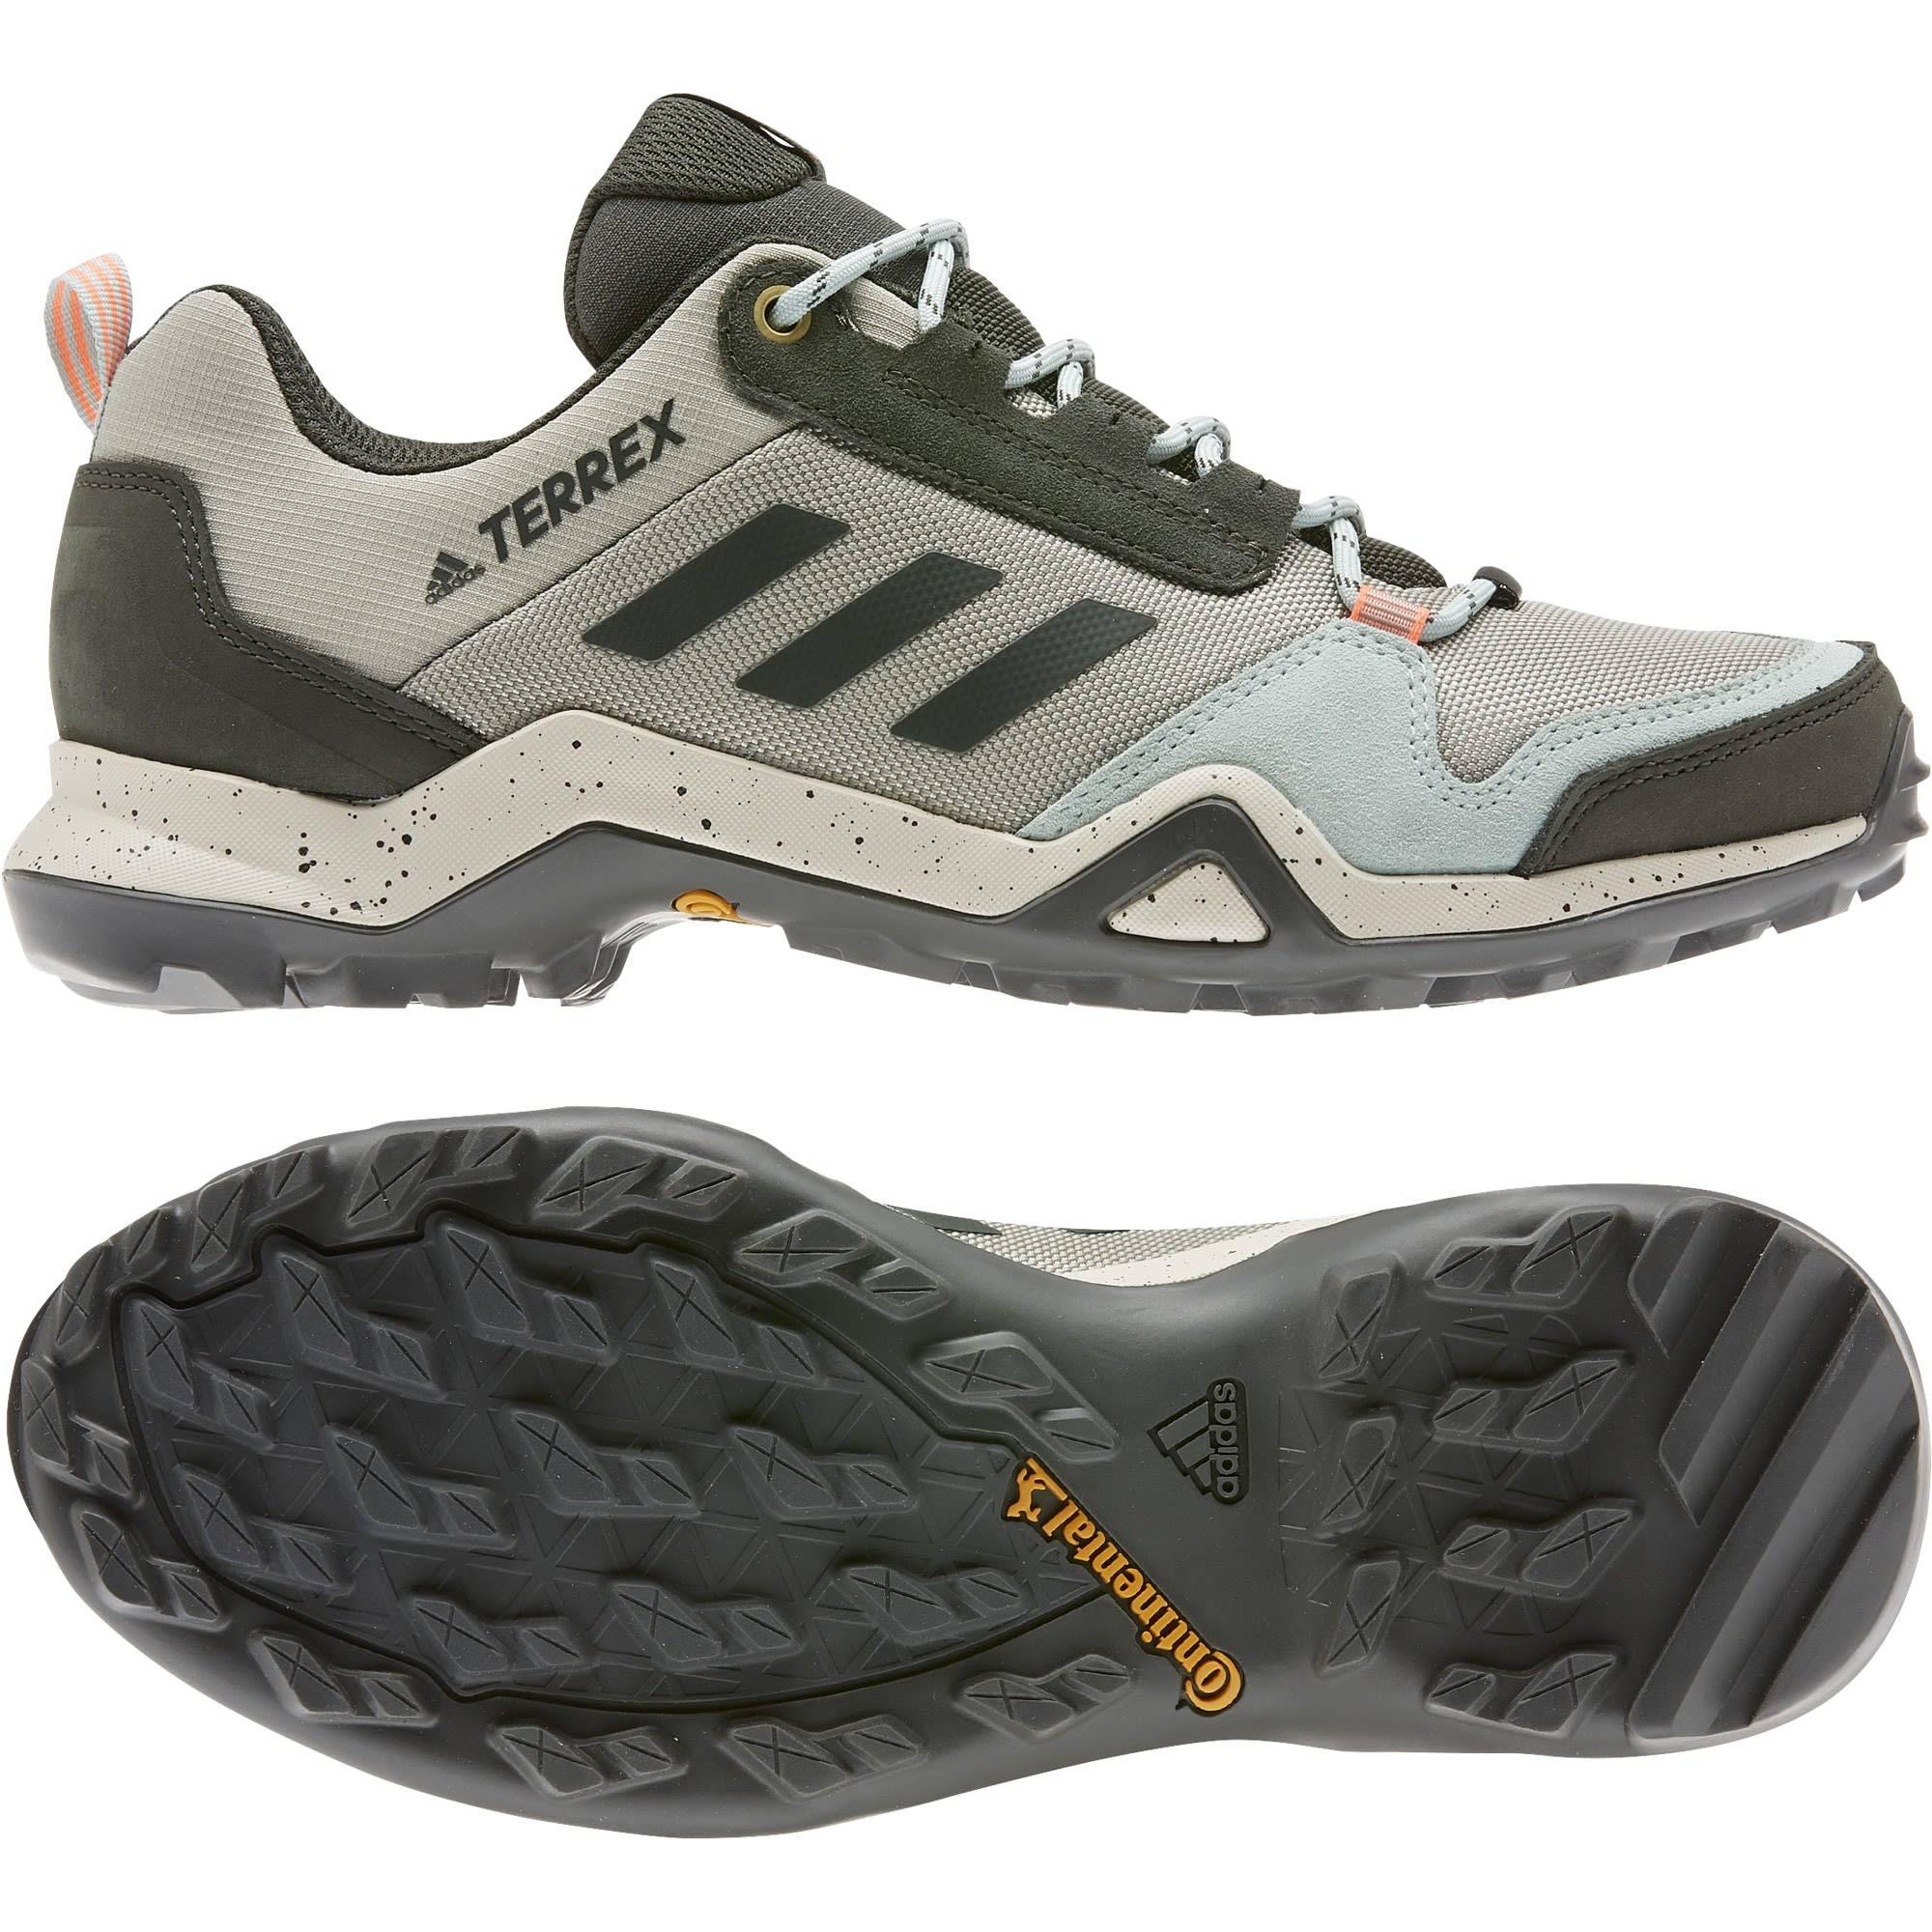 Adidas Terrex AX3 Women's Walking Shoes - Grey - 7.5